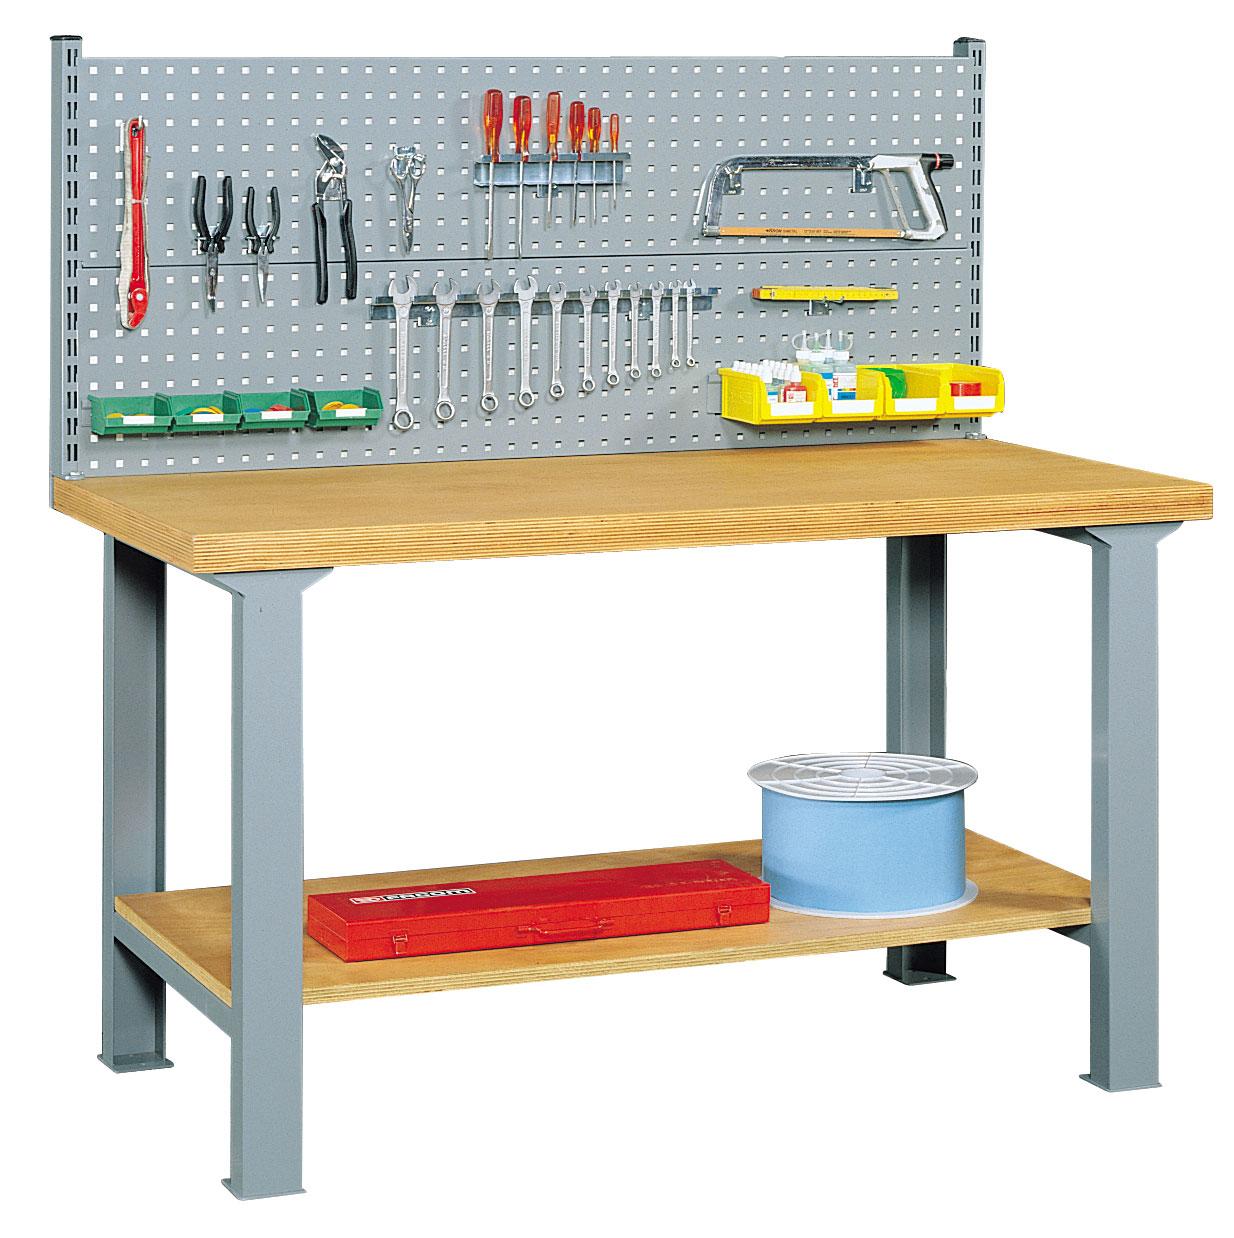 Etabli panneau perforé porte-outils et étagère L150